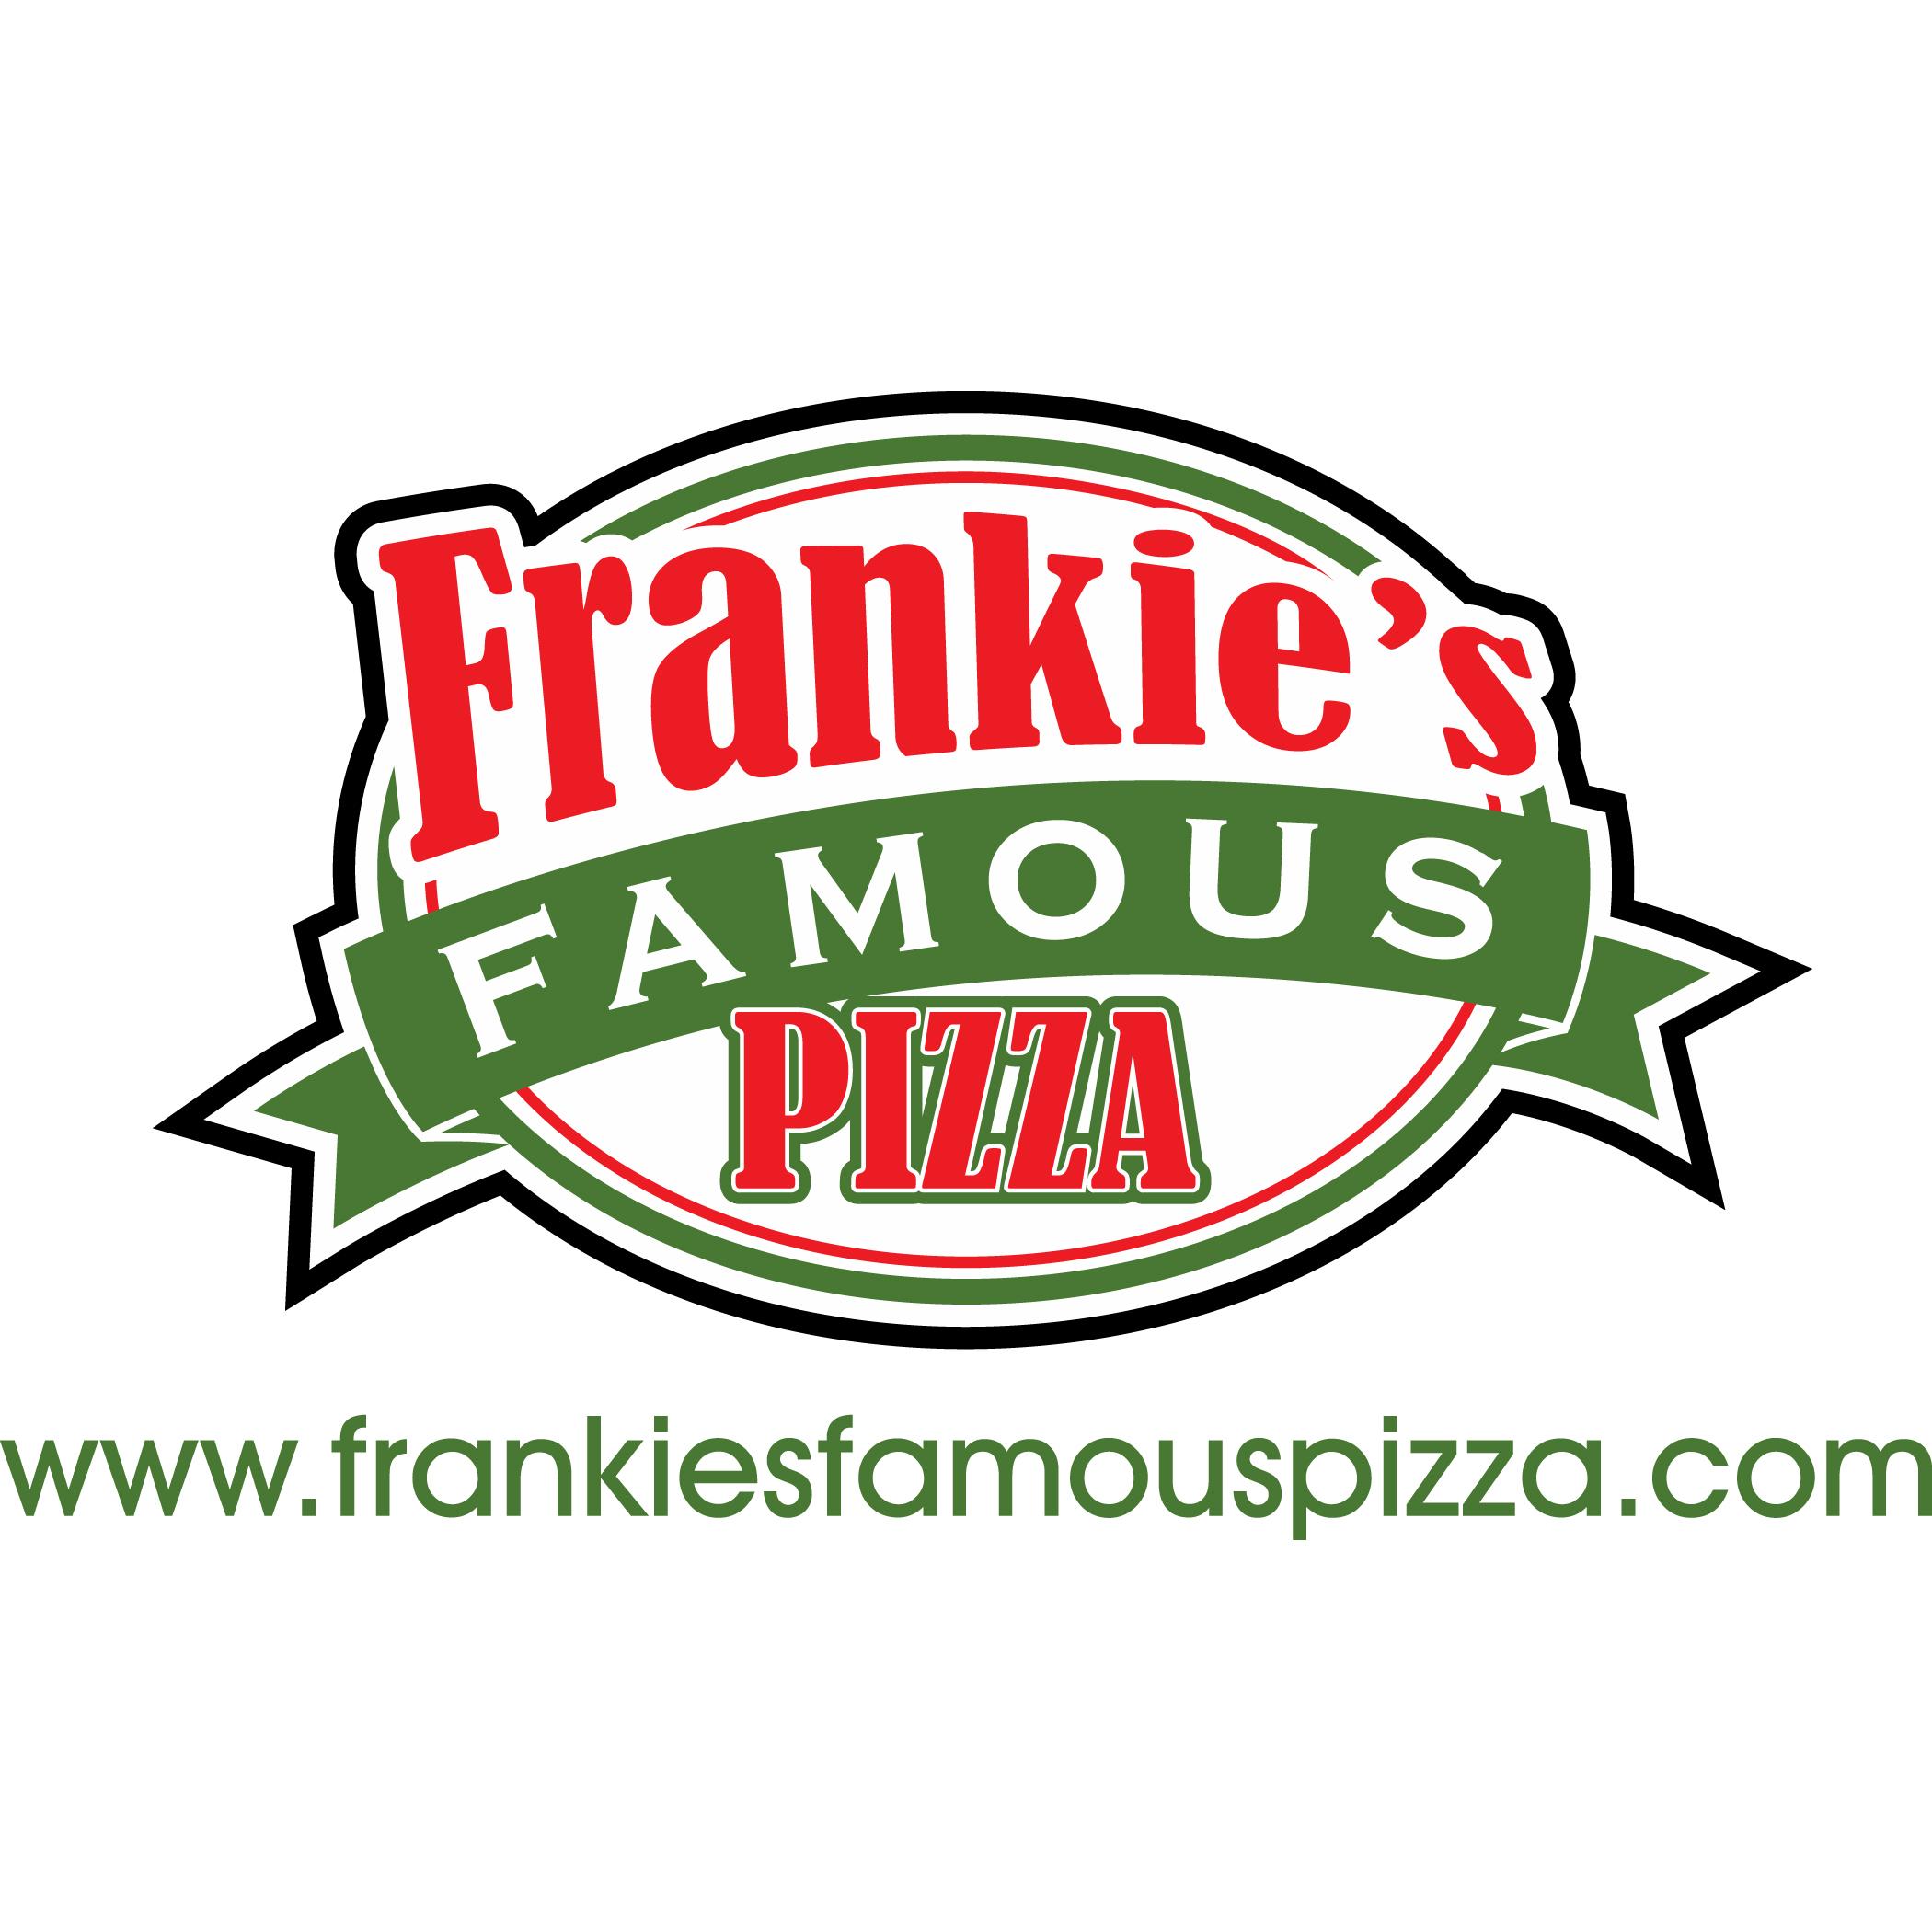 Frankis Famous Pizza